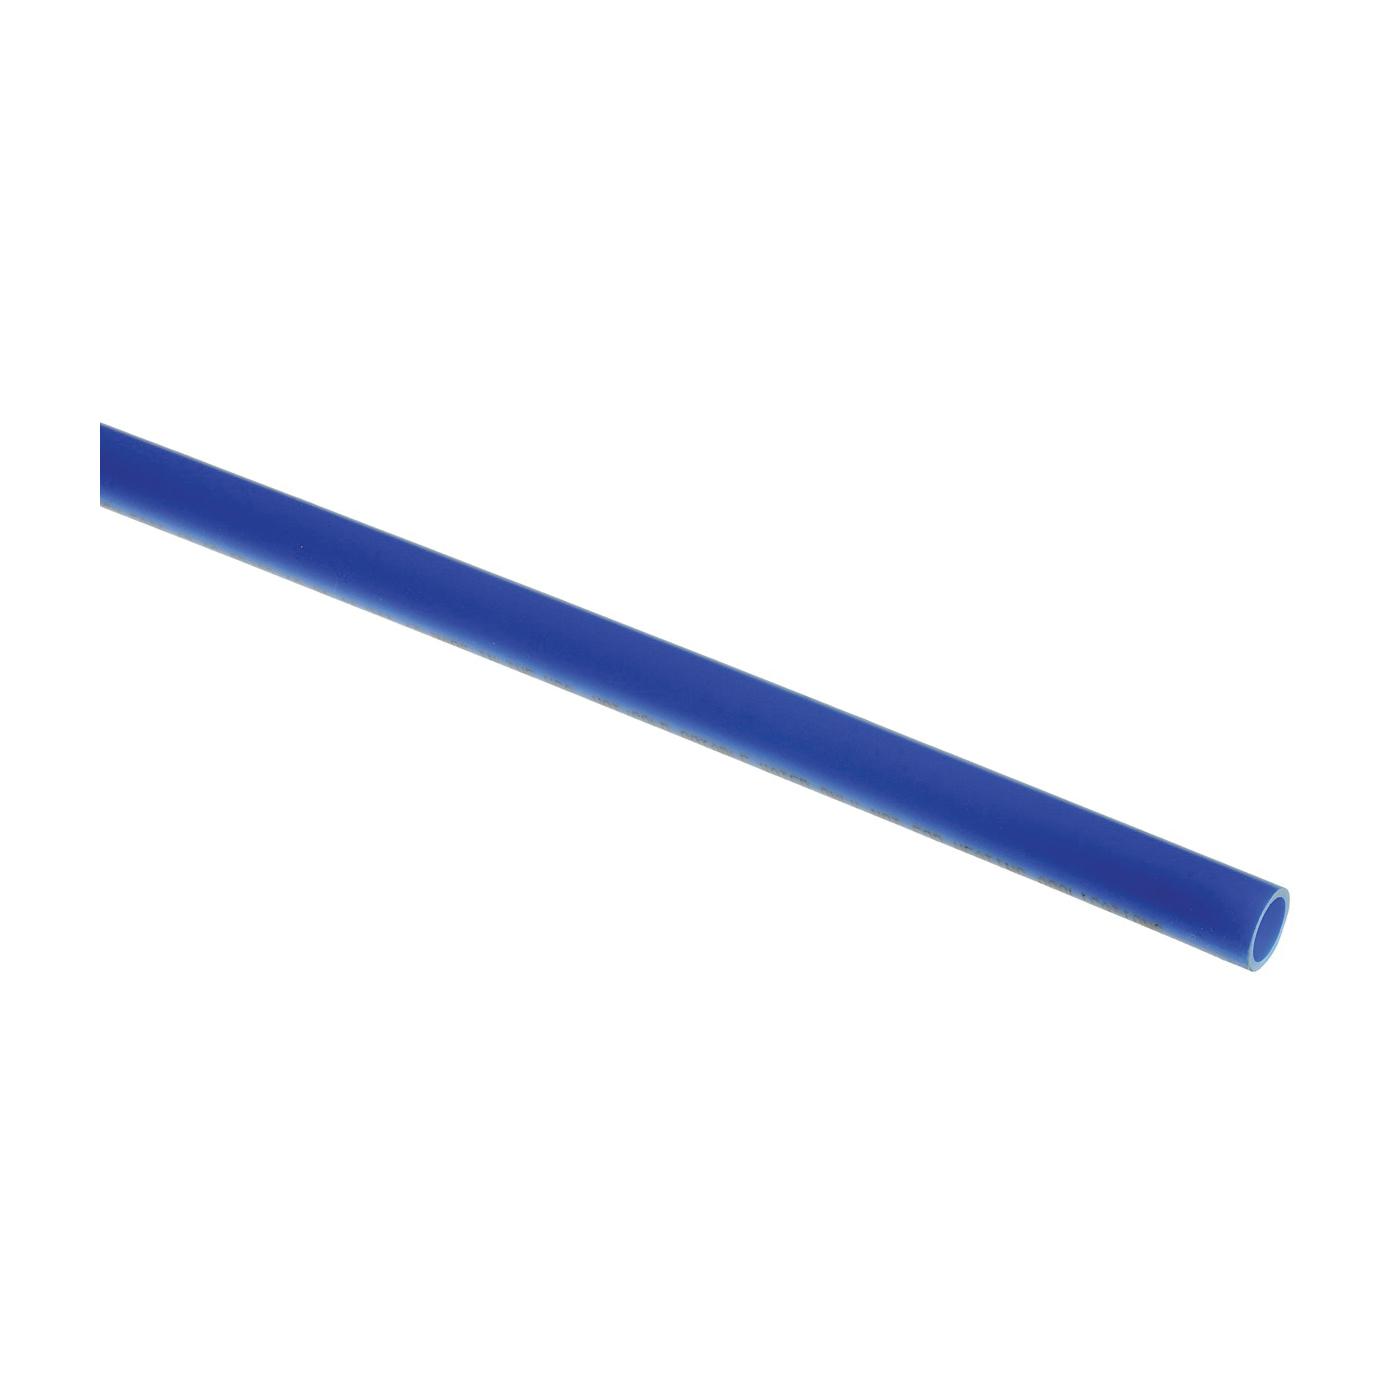 Picture of Apollo APPB2012 PEX-B Pipe, 1/2 in, Blue, 20 ft L